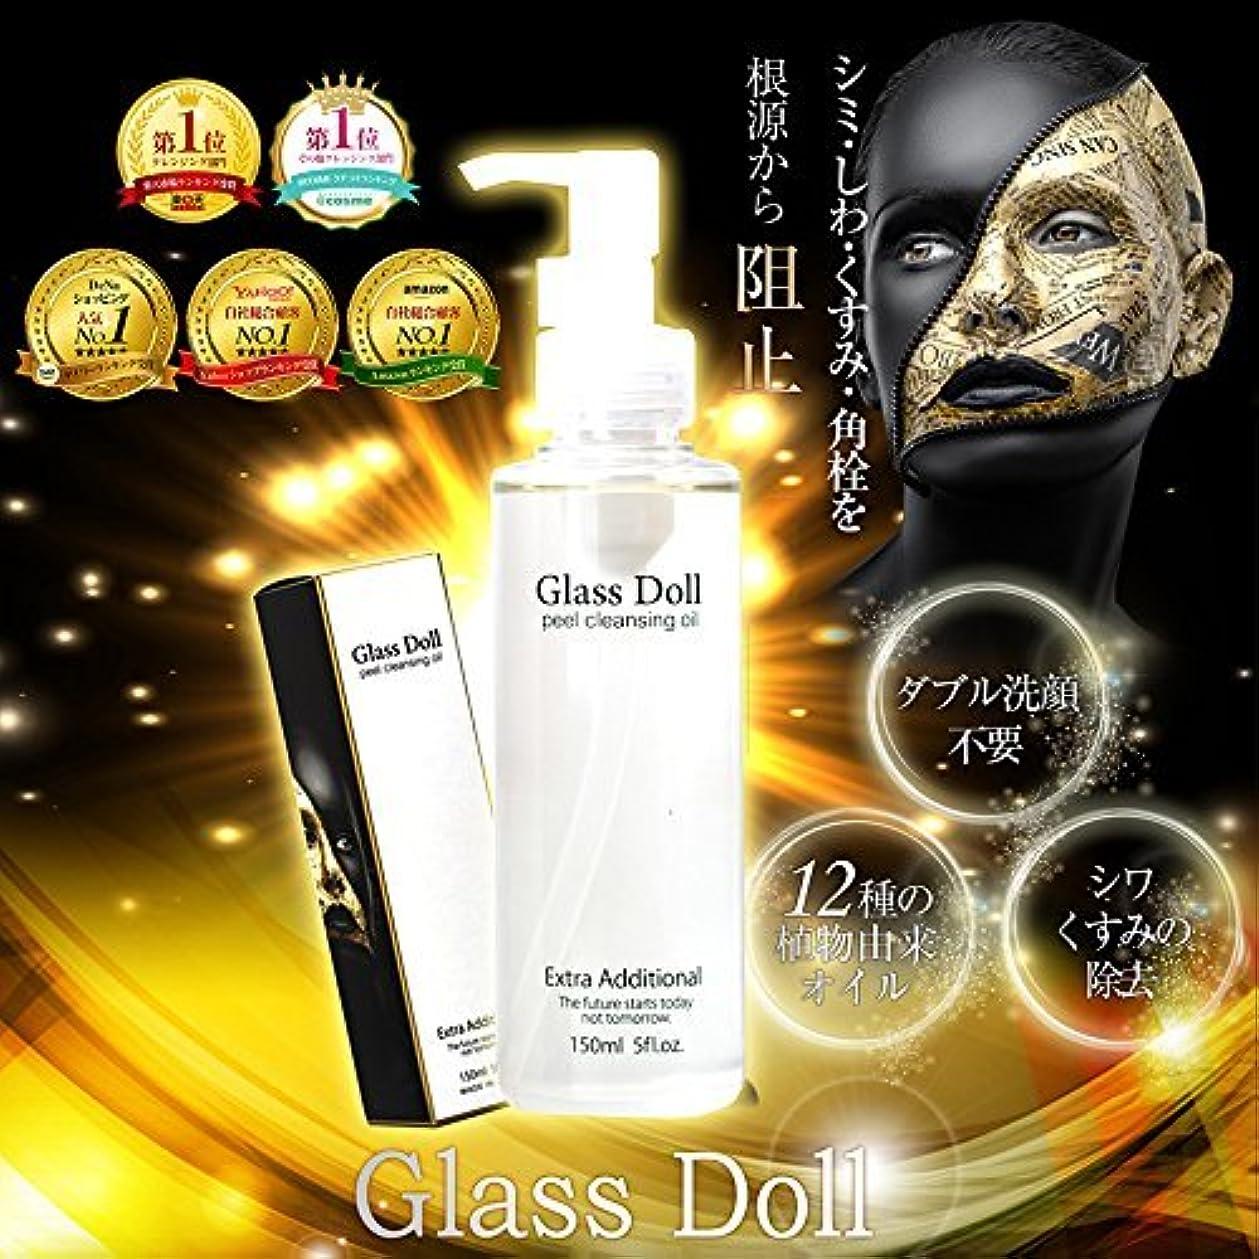 弾薬りんごデザートGlass Doll Peel cleansing oil グラスドール 2個セット ピール クレンジング オイル